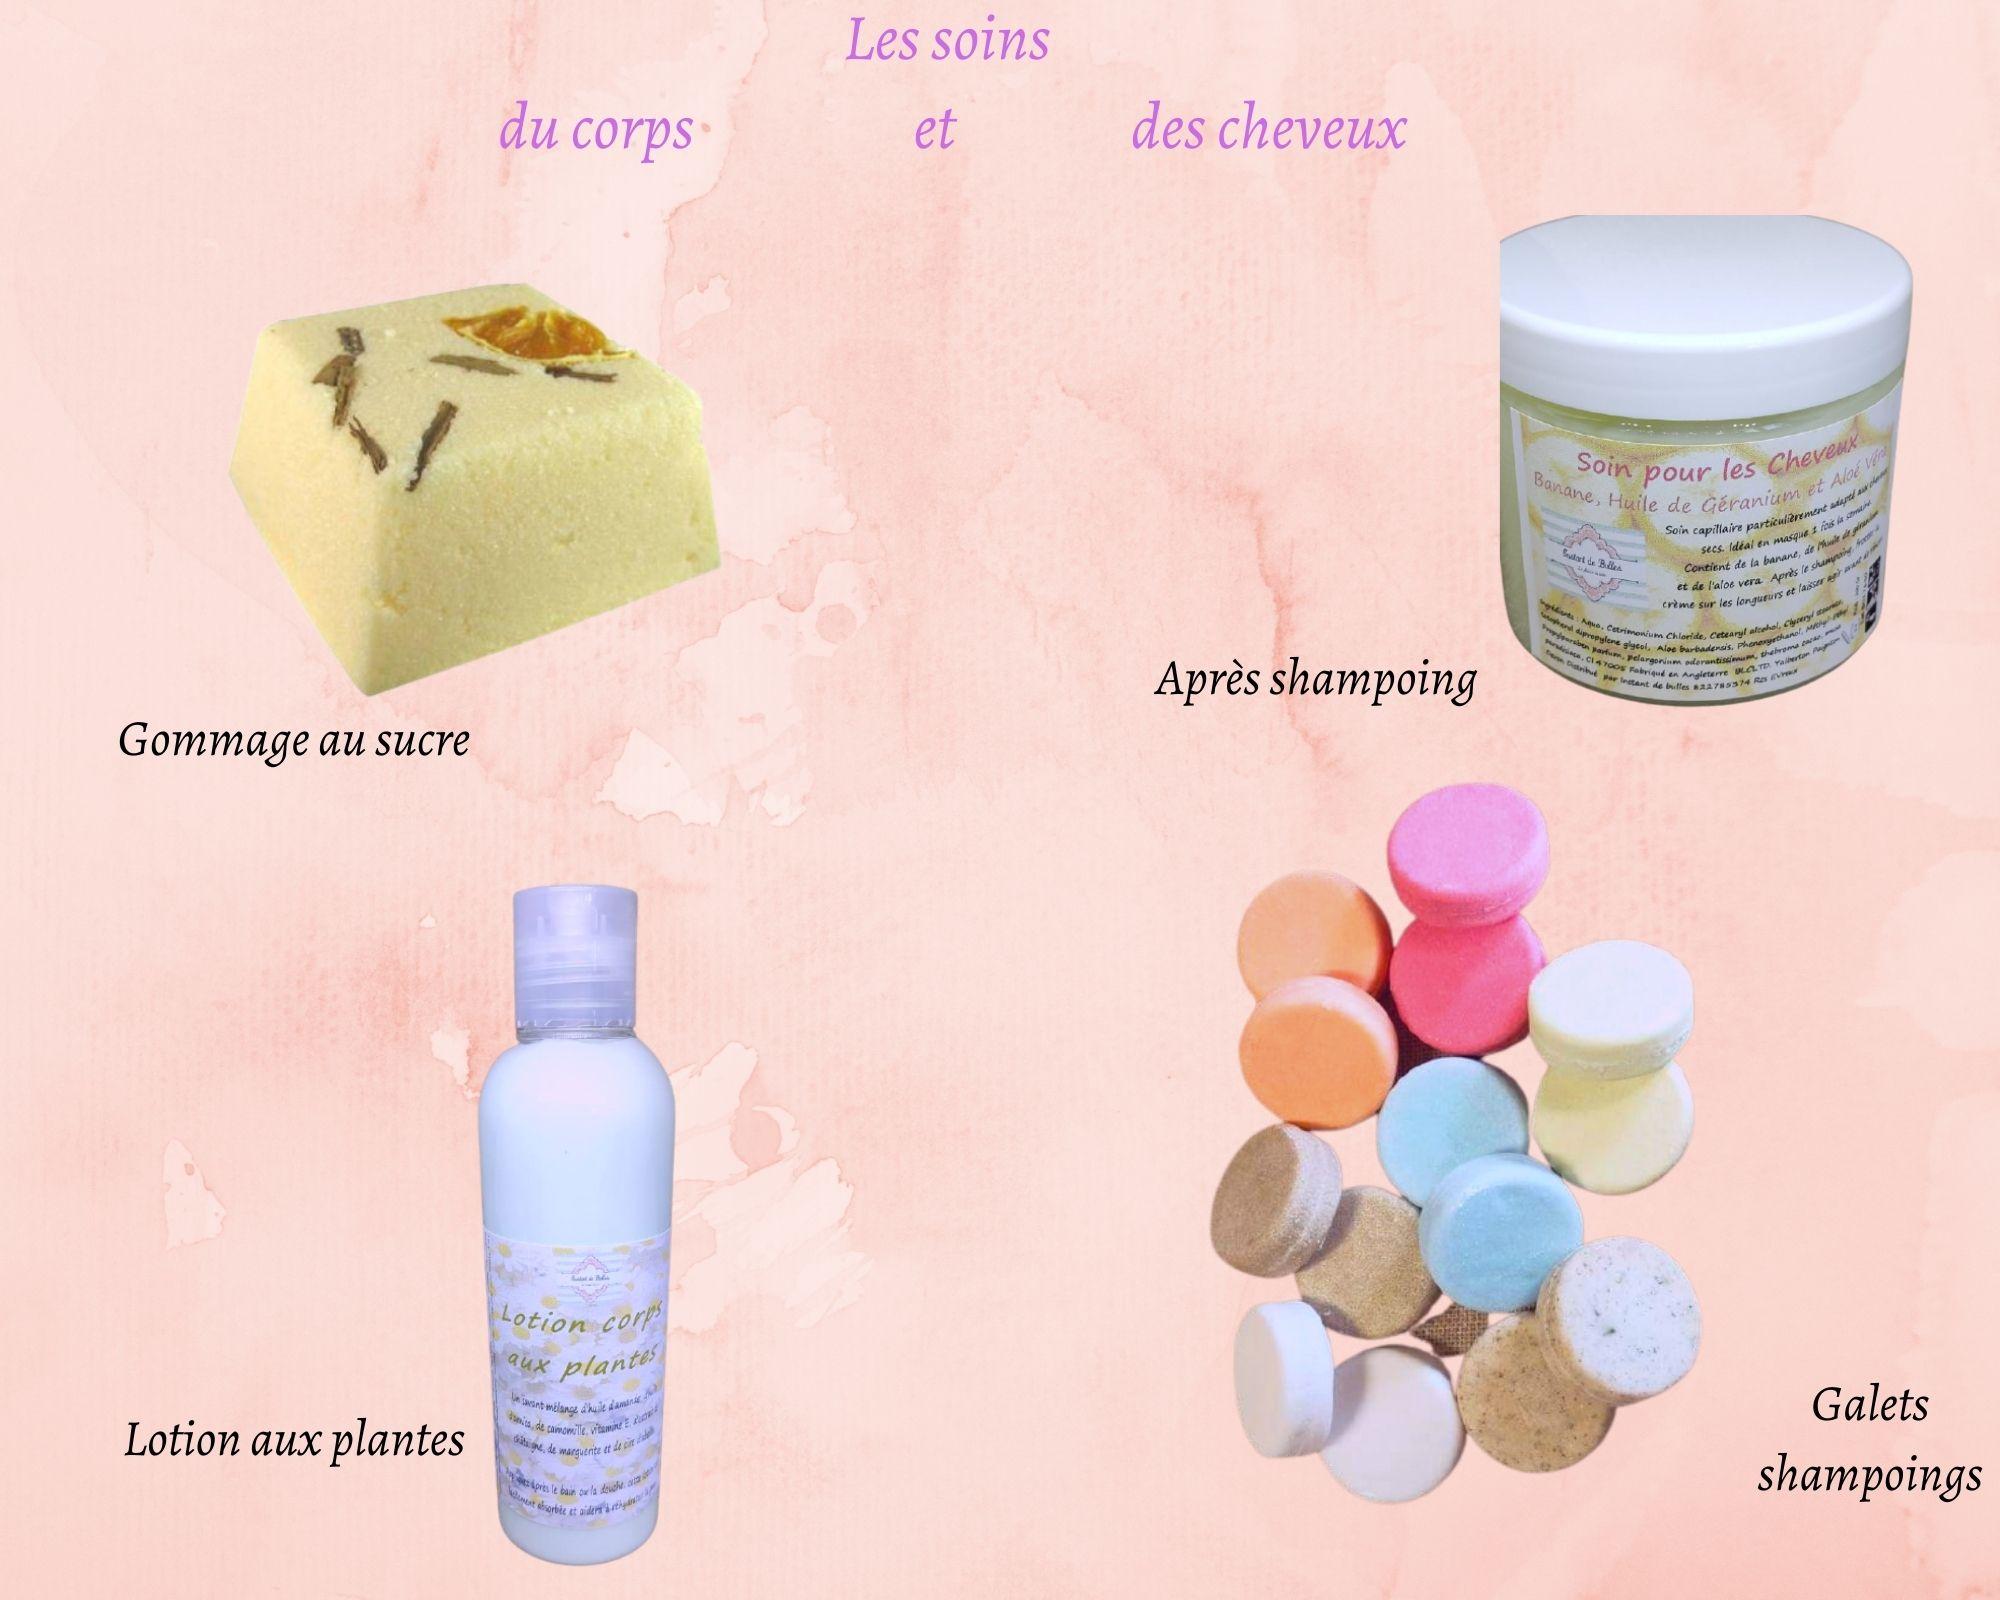 Les soins du corps et des cheveux (1)